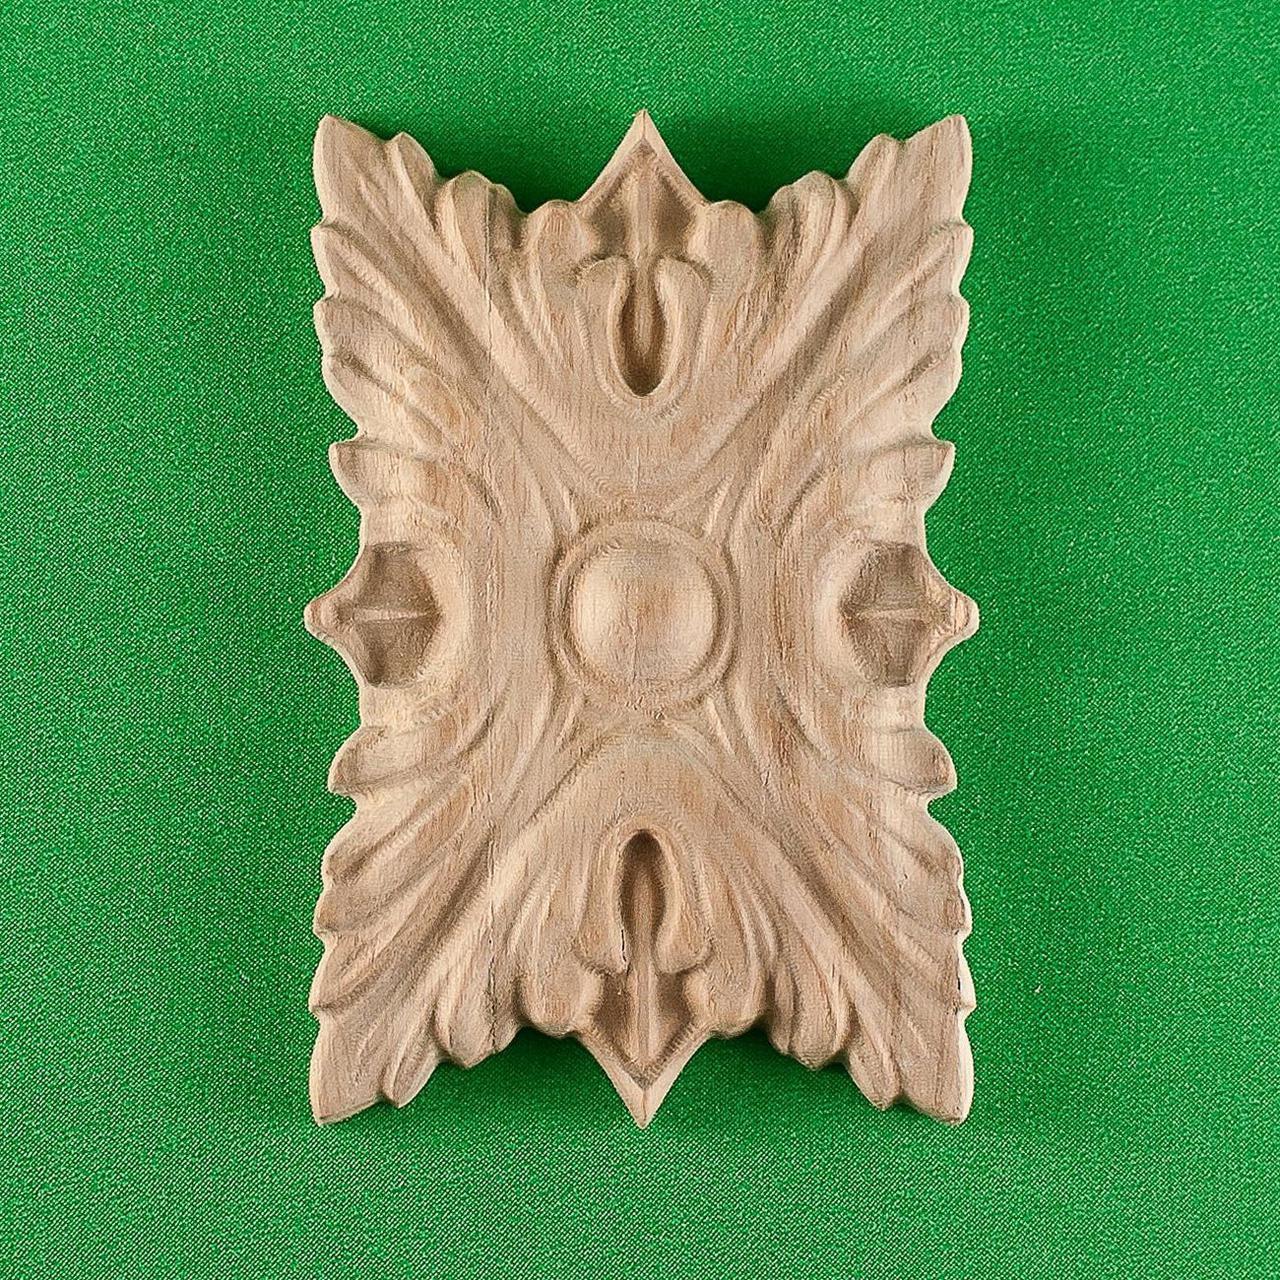 Деревянный резной декор для мебели. Розетка. Код Р12